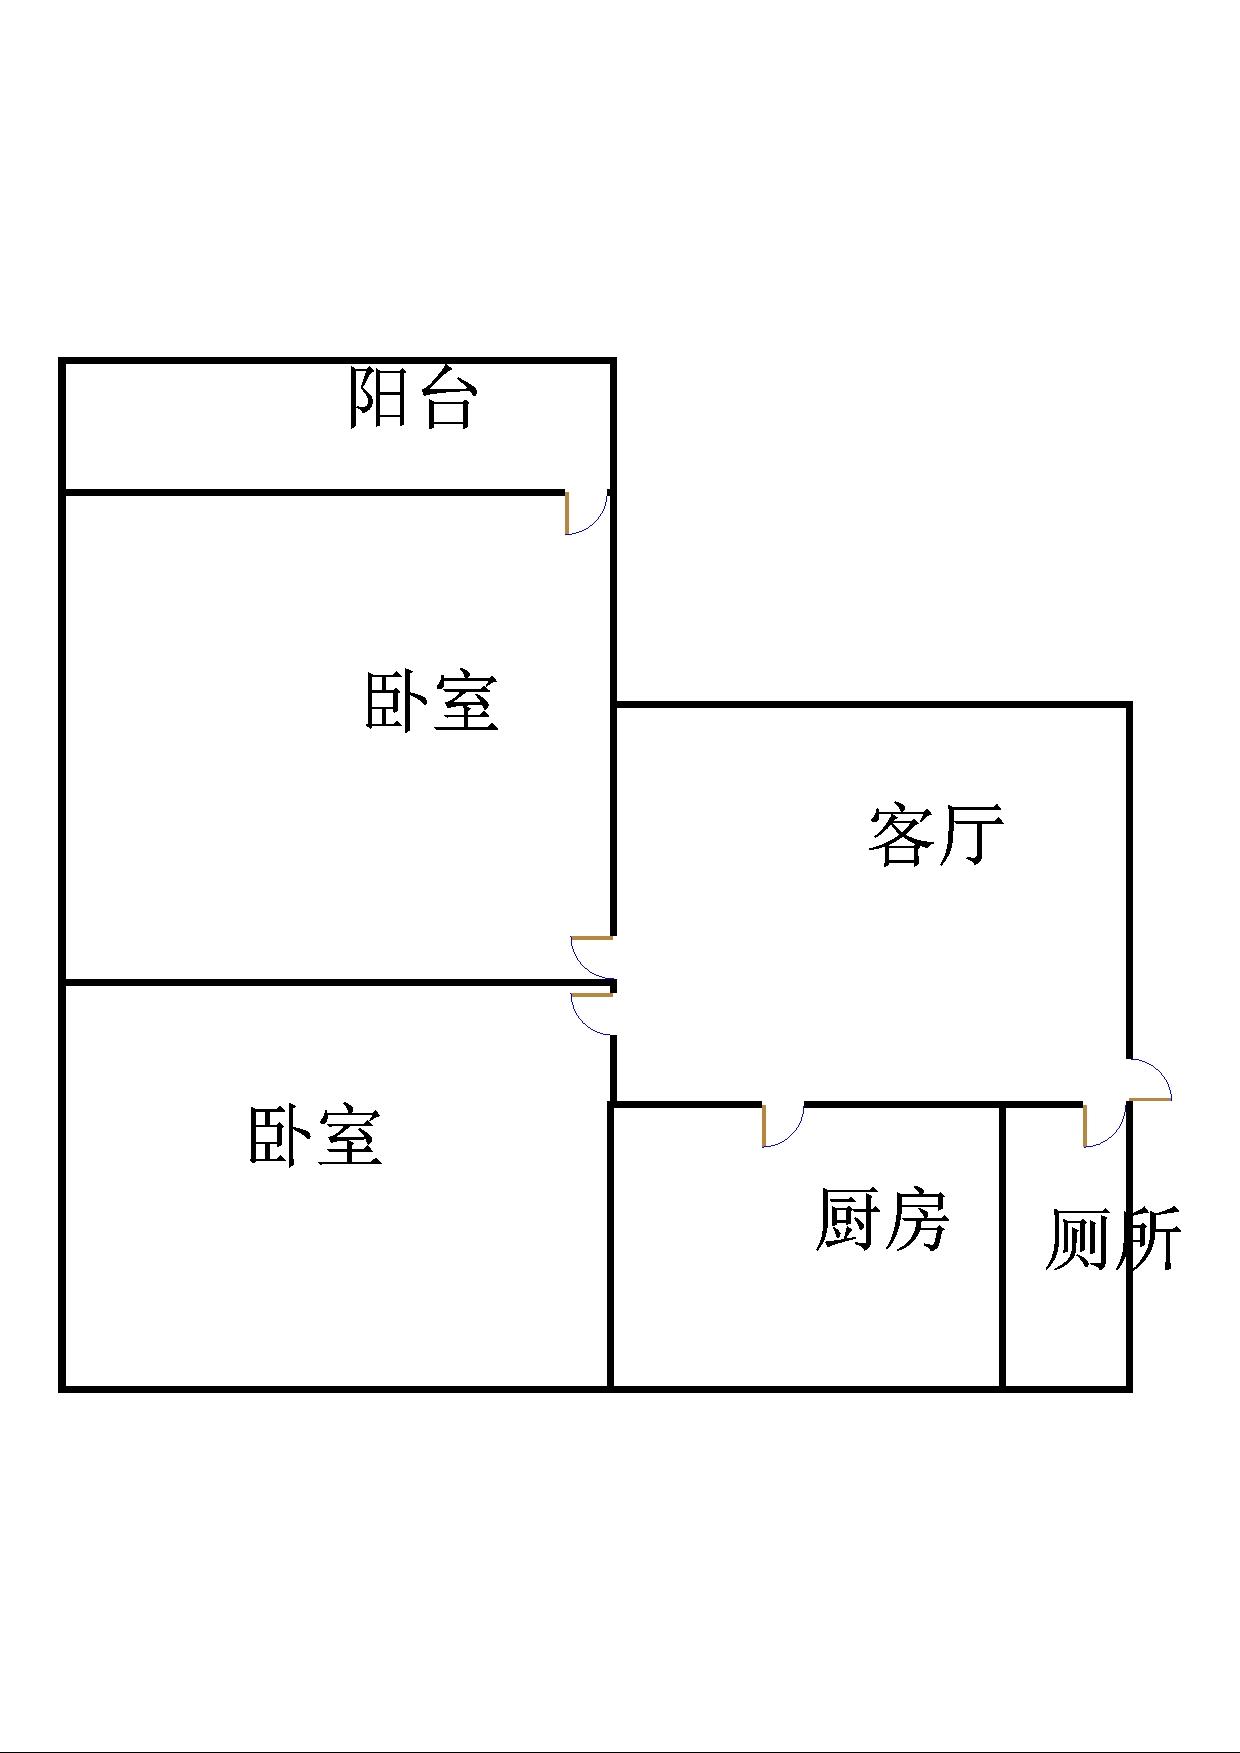 邹李小区 2室1厅 双证齐全过五年 简装 22万